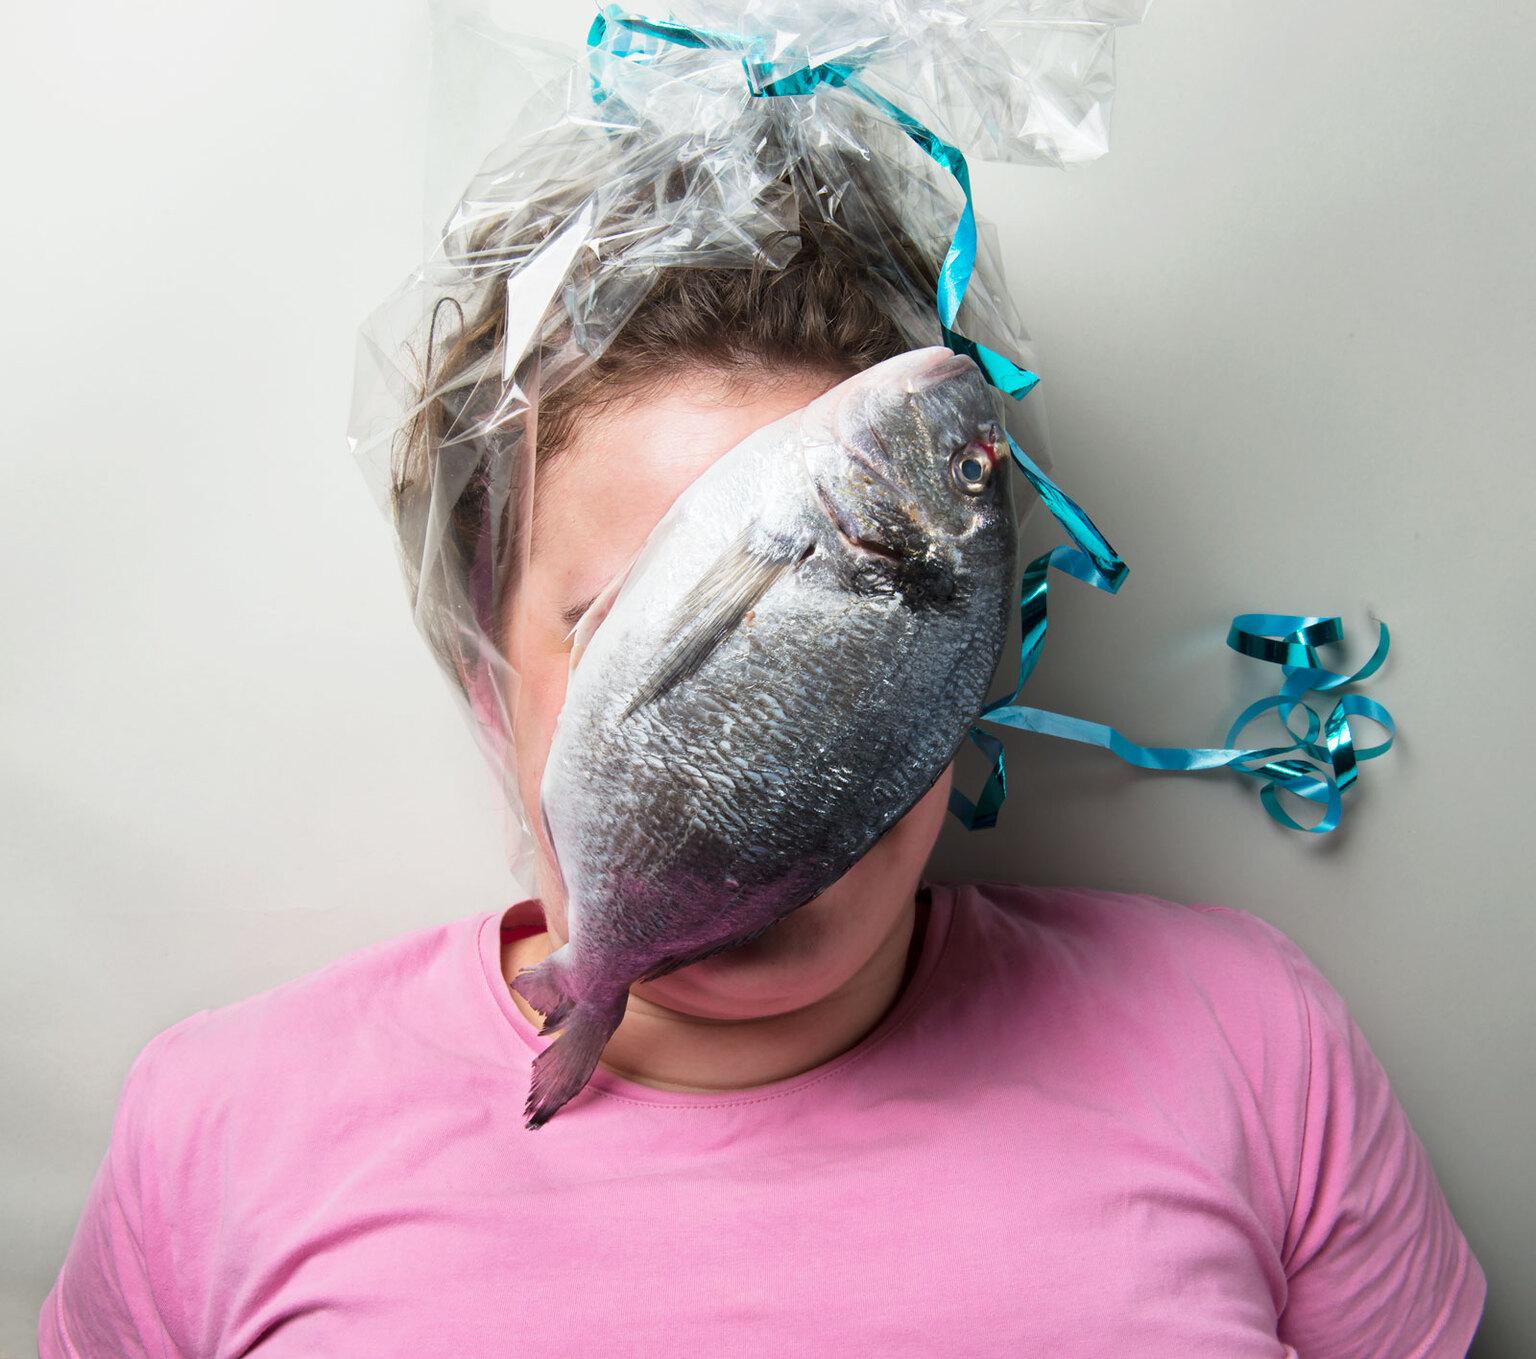 """Louise - Louise is kunstenares en fotografe. Ik noem haar ook wel """"mijn kunstmoeder'. Ze maakt prachtige fotografische stillevens waar ze ook regelmatig echte - foto door SophieVermeulen op 14-04-2021 - deze foto bevat: fish, portrait, still life, fine art, food art, kunstfotografie, humanstillife, kleding, wenkbrauw, vogel, wimper, oor, kaak, nek, veer, bek, grijs"""